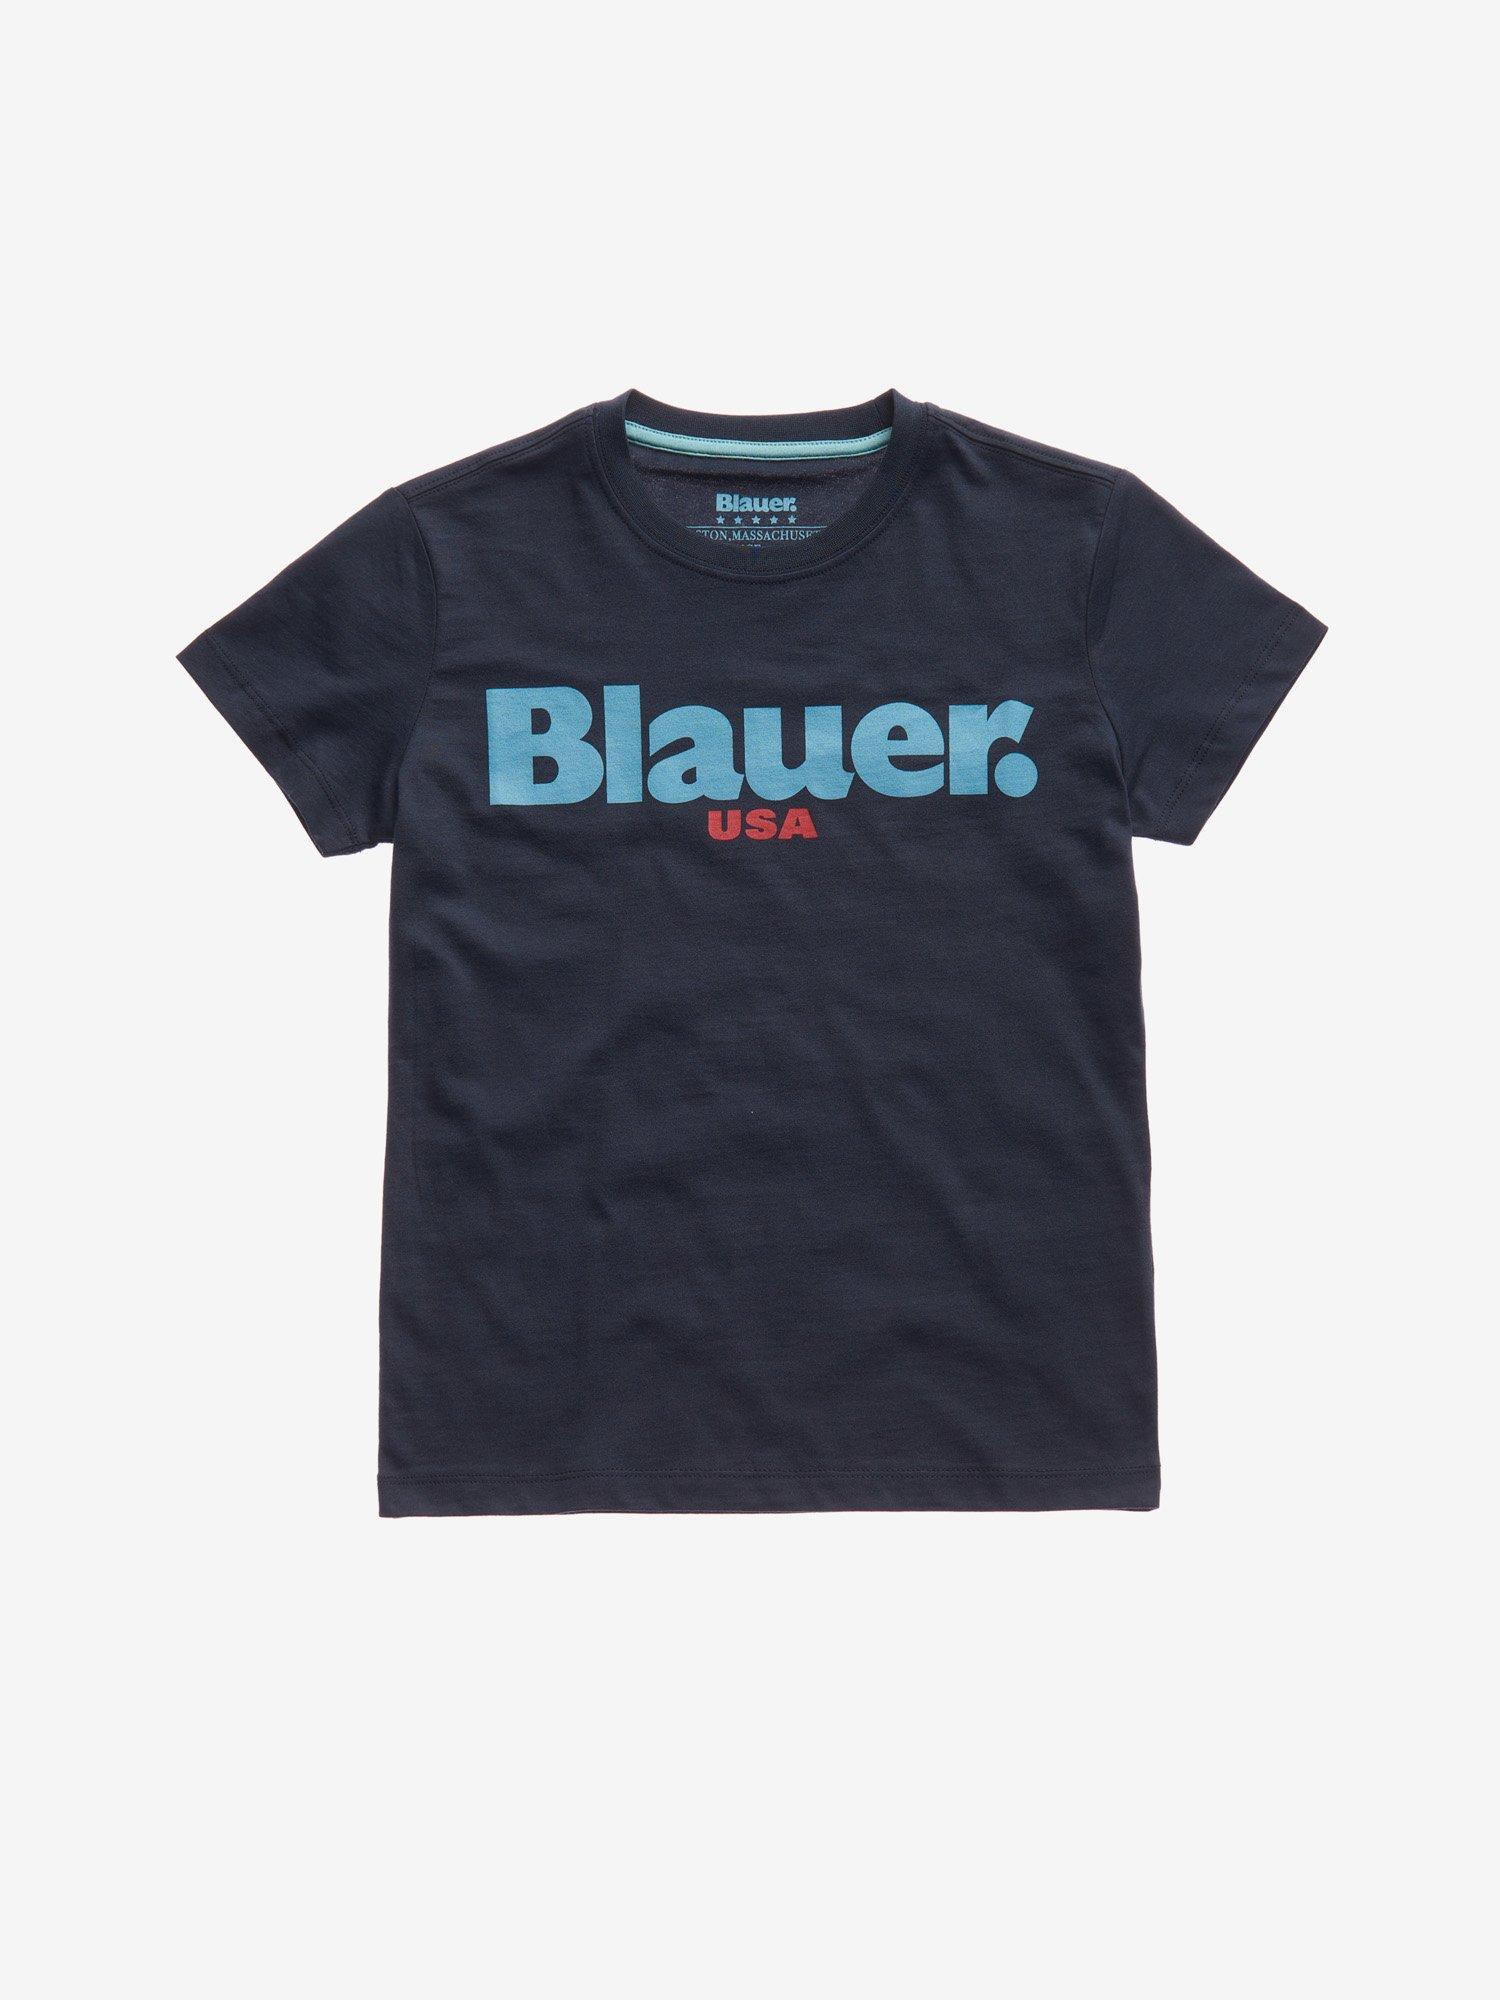 BASIC T-SHIRT JUNIOR BLAUER - Blauer